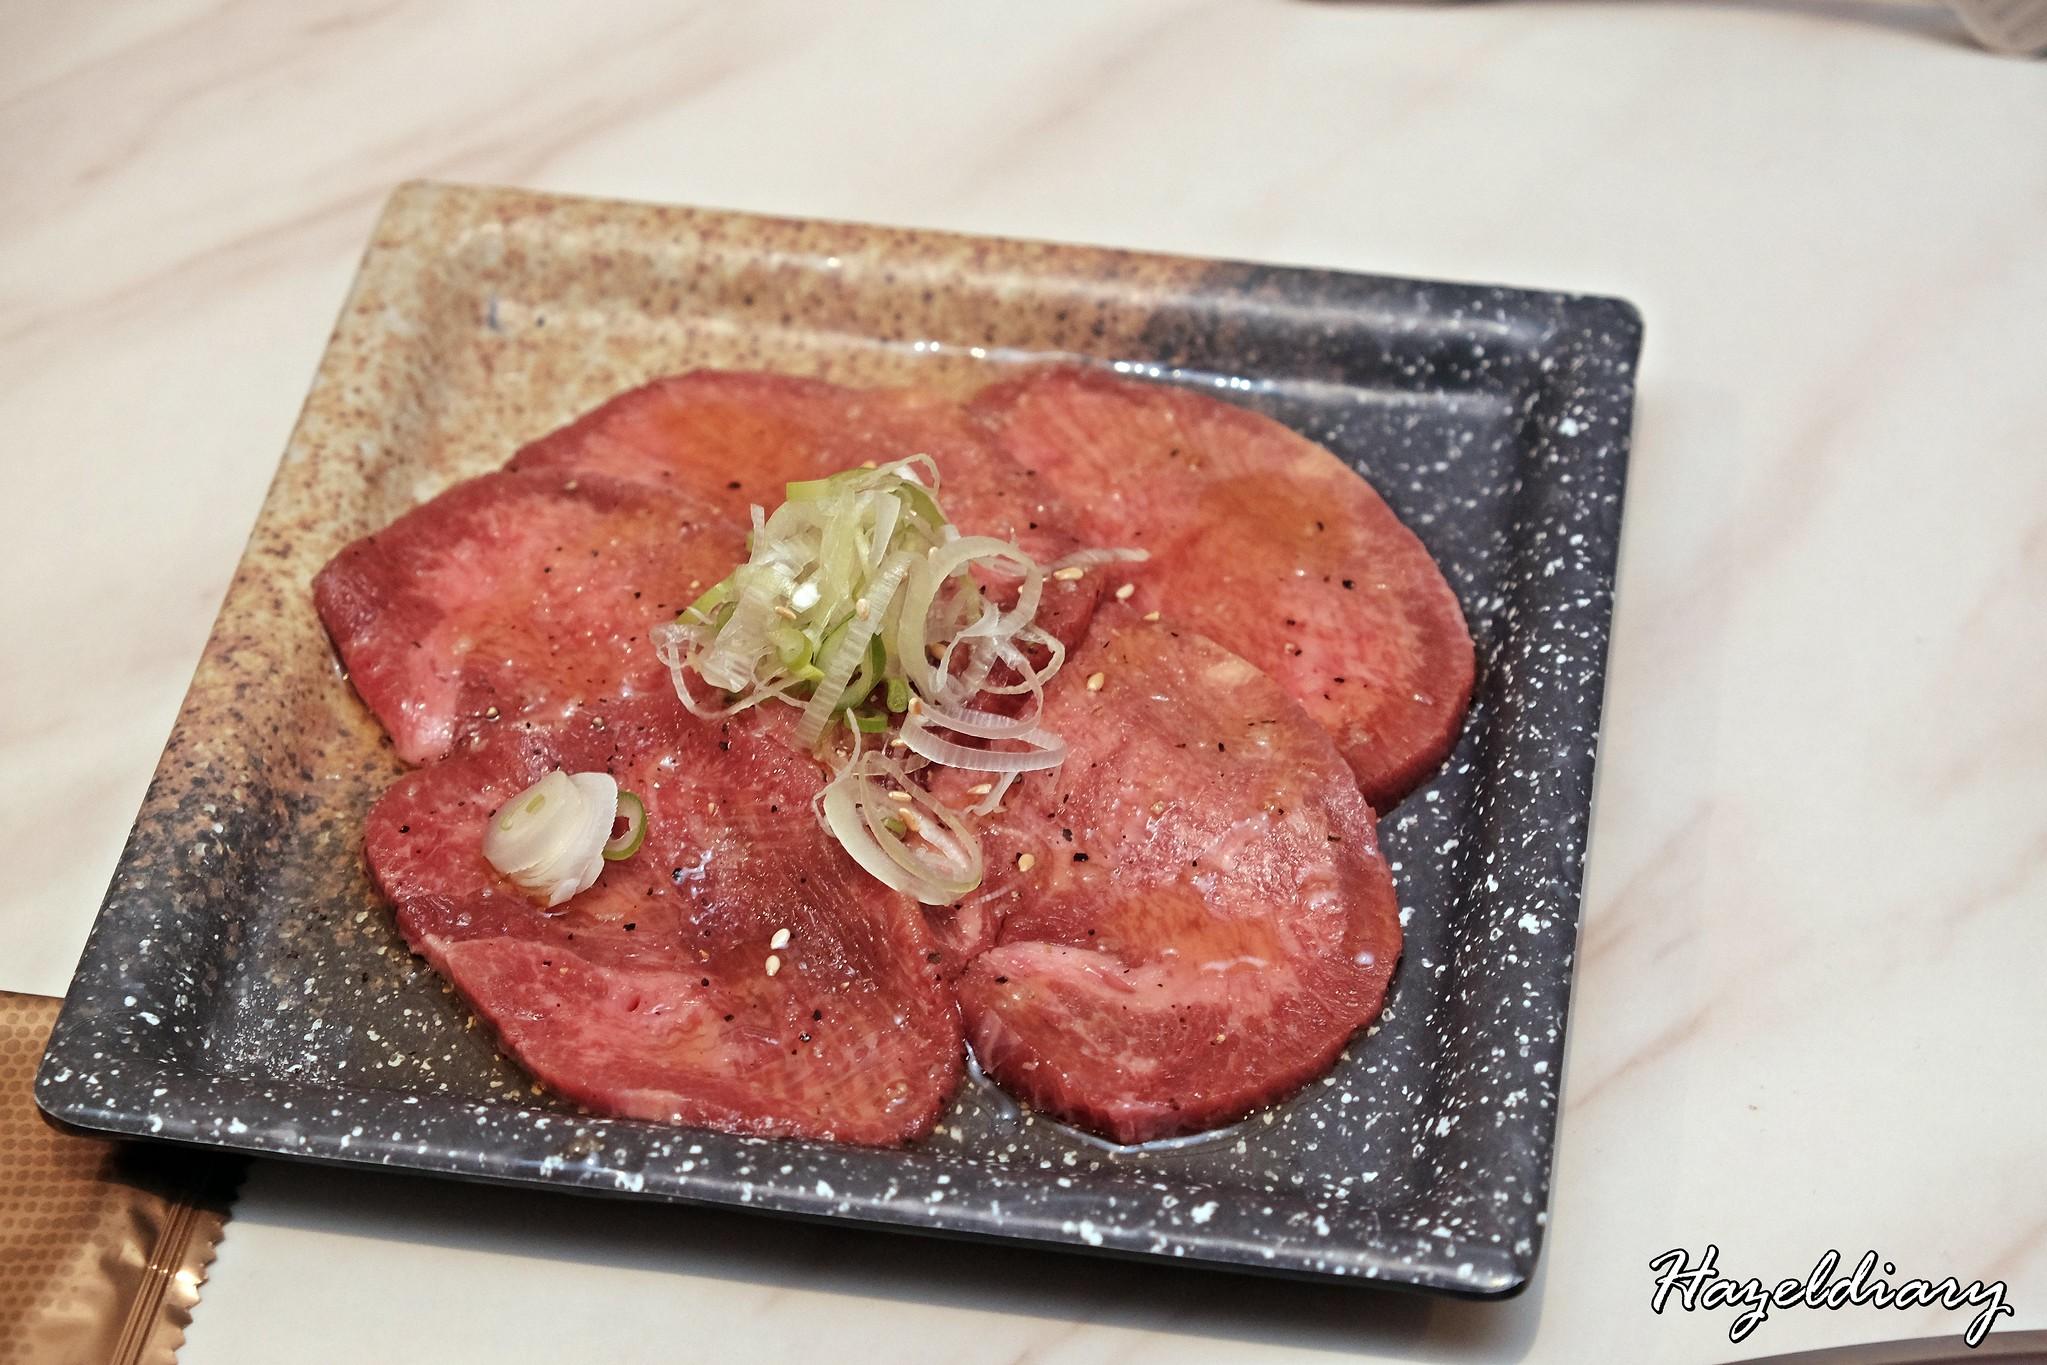 Tenkaichi Japanese BBQ Restaurant-Wagyu Beef Ox Tongue